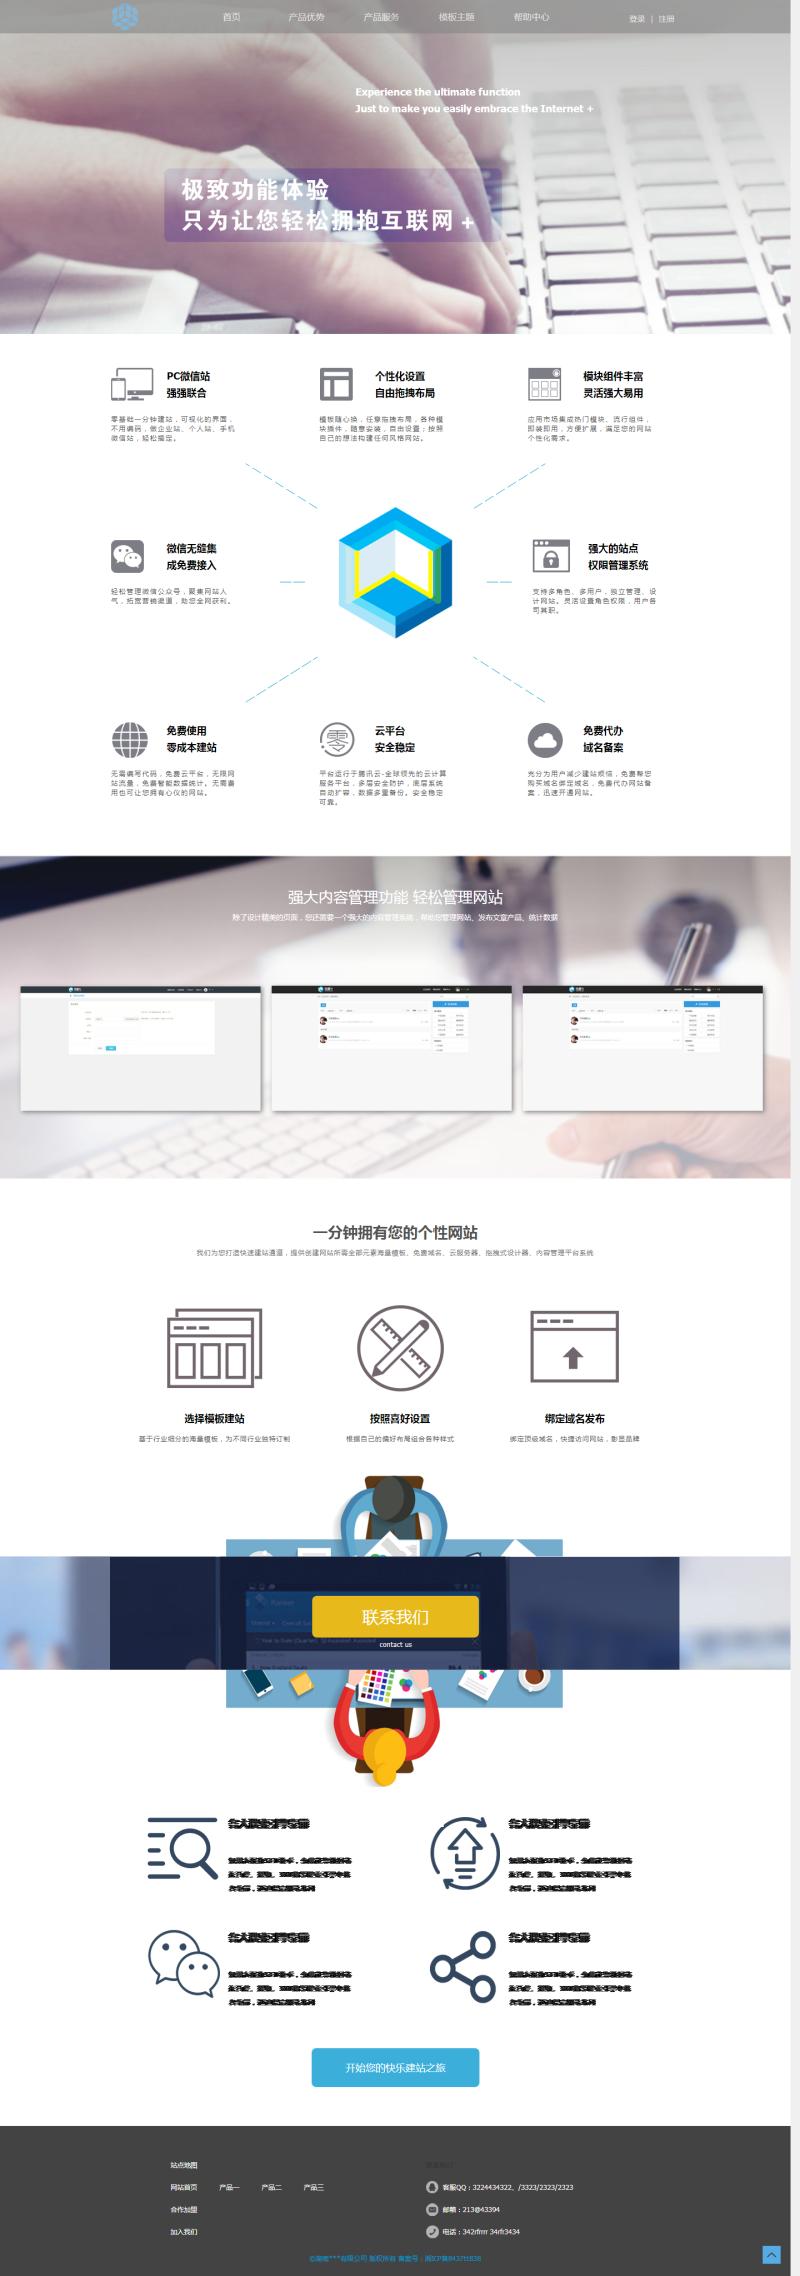 简洁大气html5 css3互联网IT公司网站模板 -1